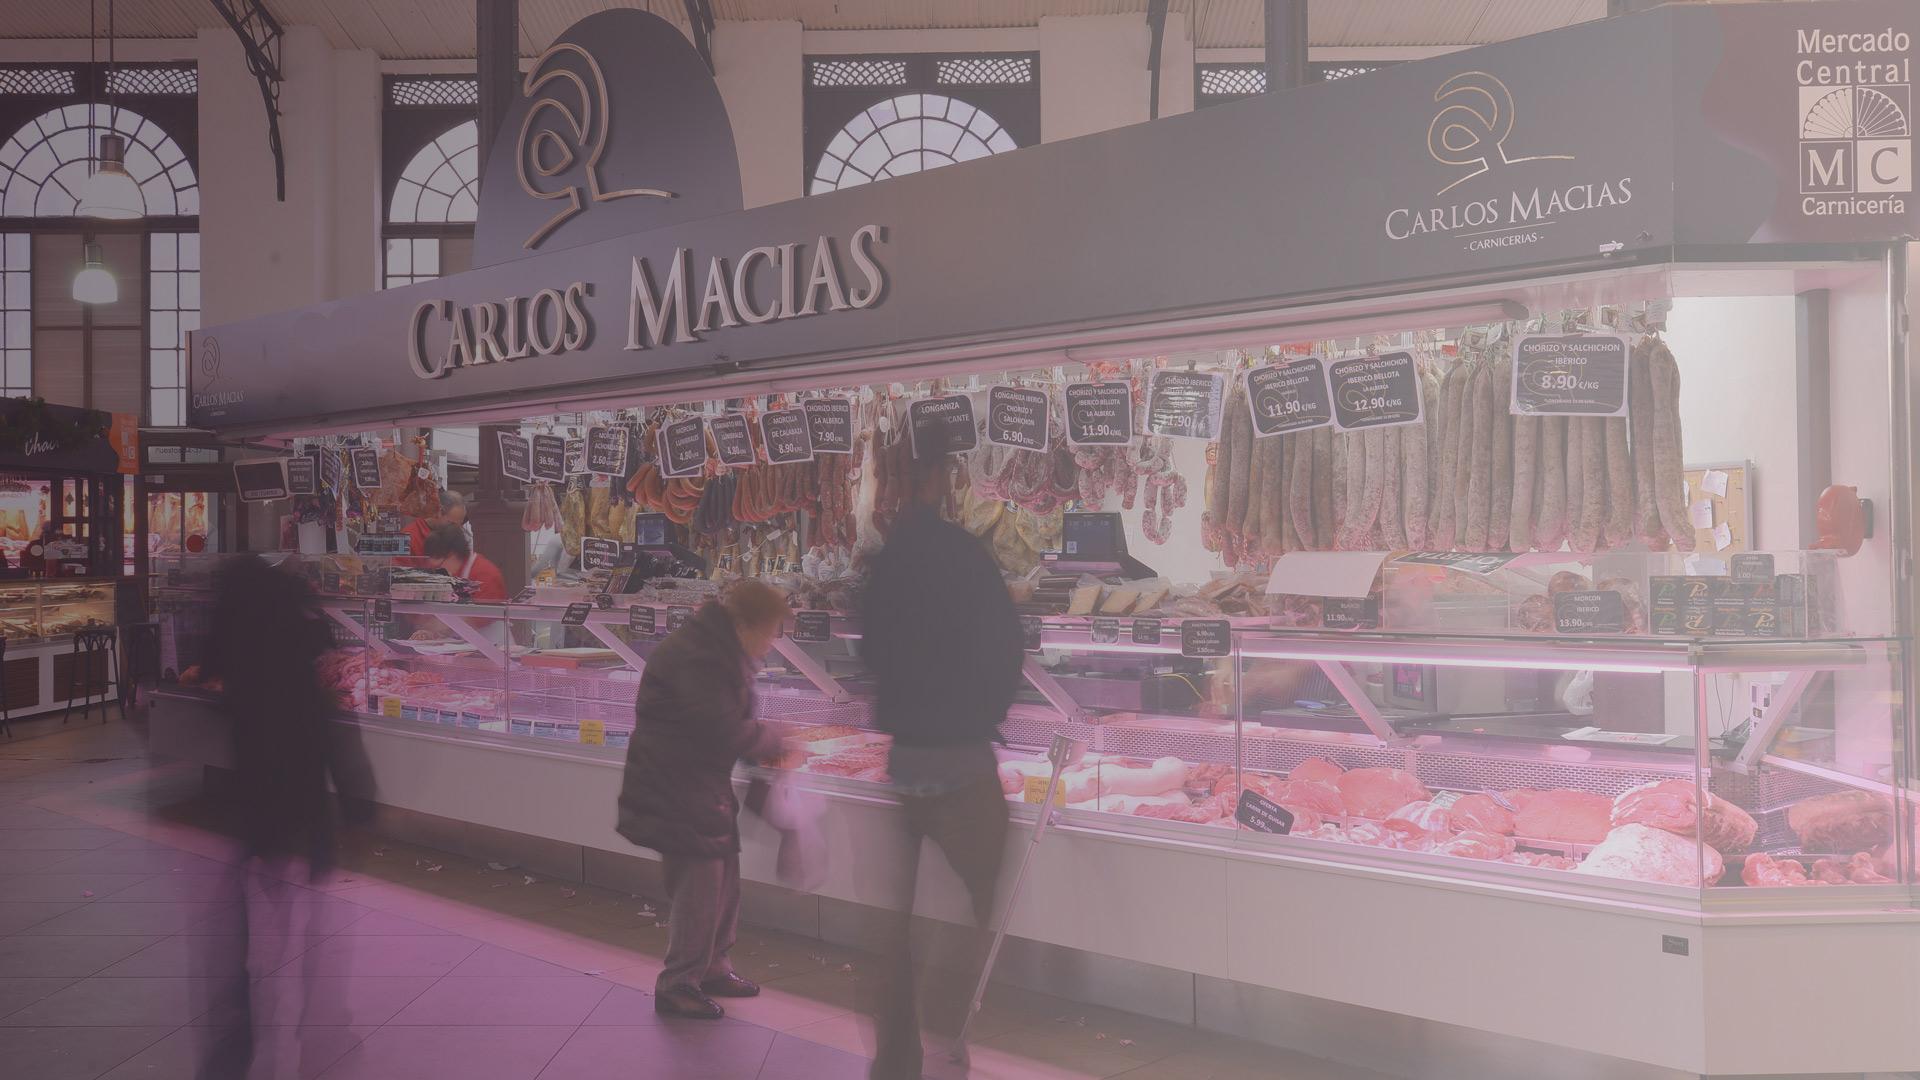 CARNICERIA-CARLOS-MACIAS-MERCADO-CENTRAL-SALAMANCA_1